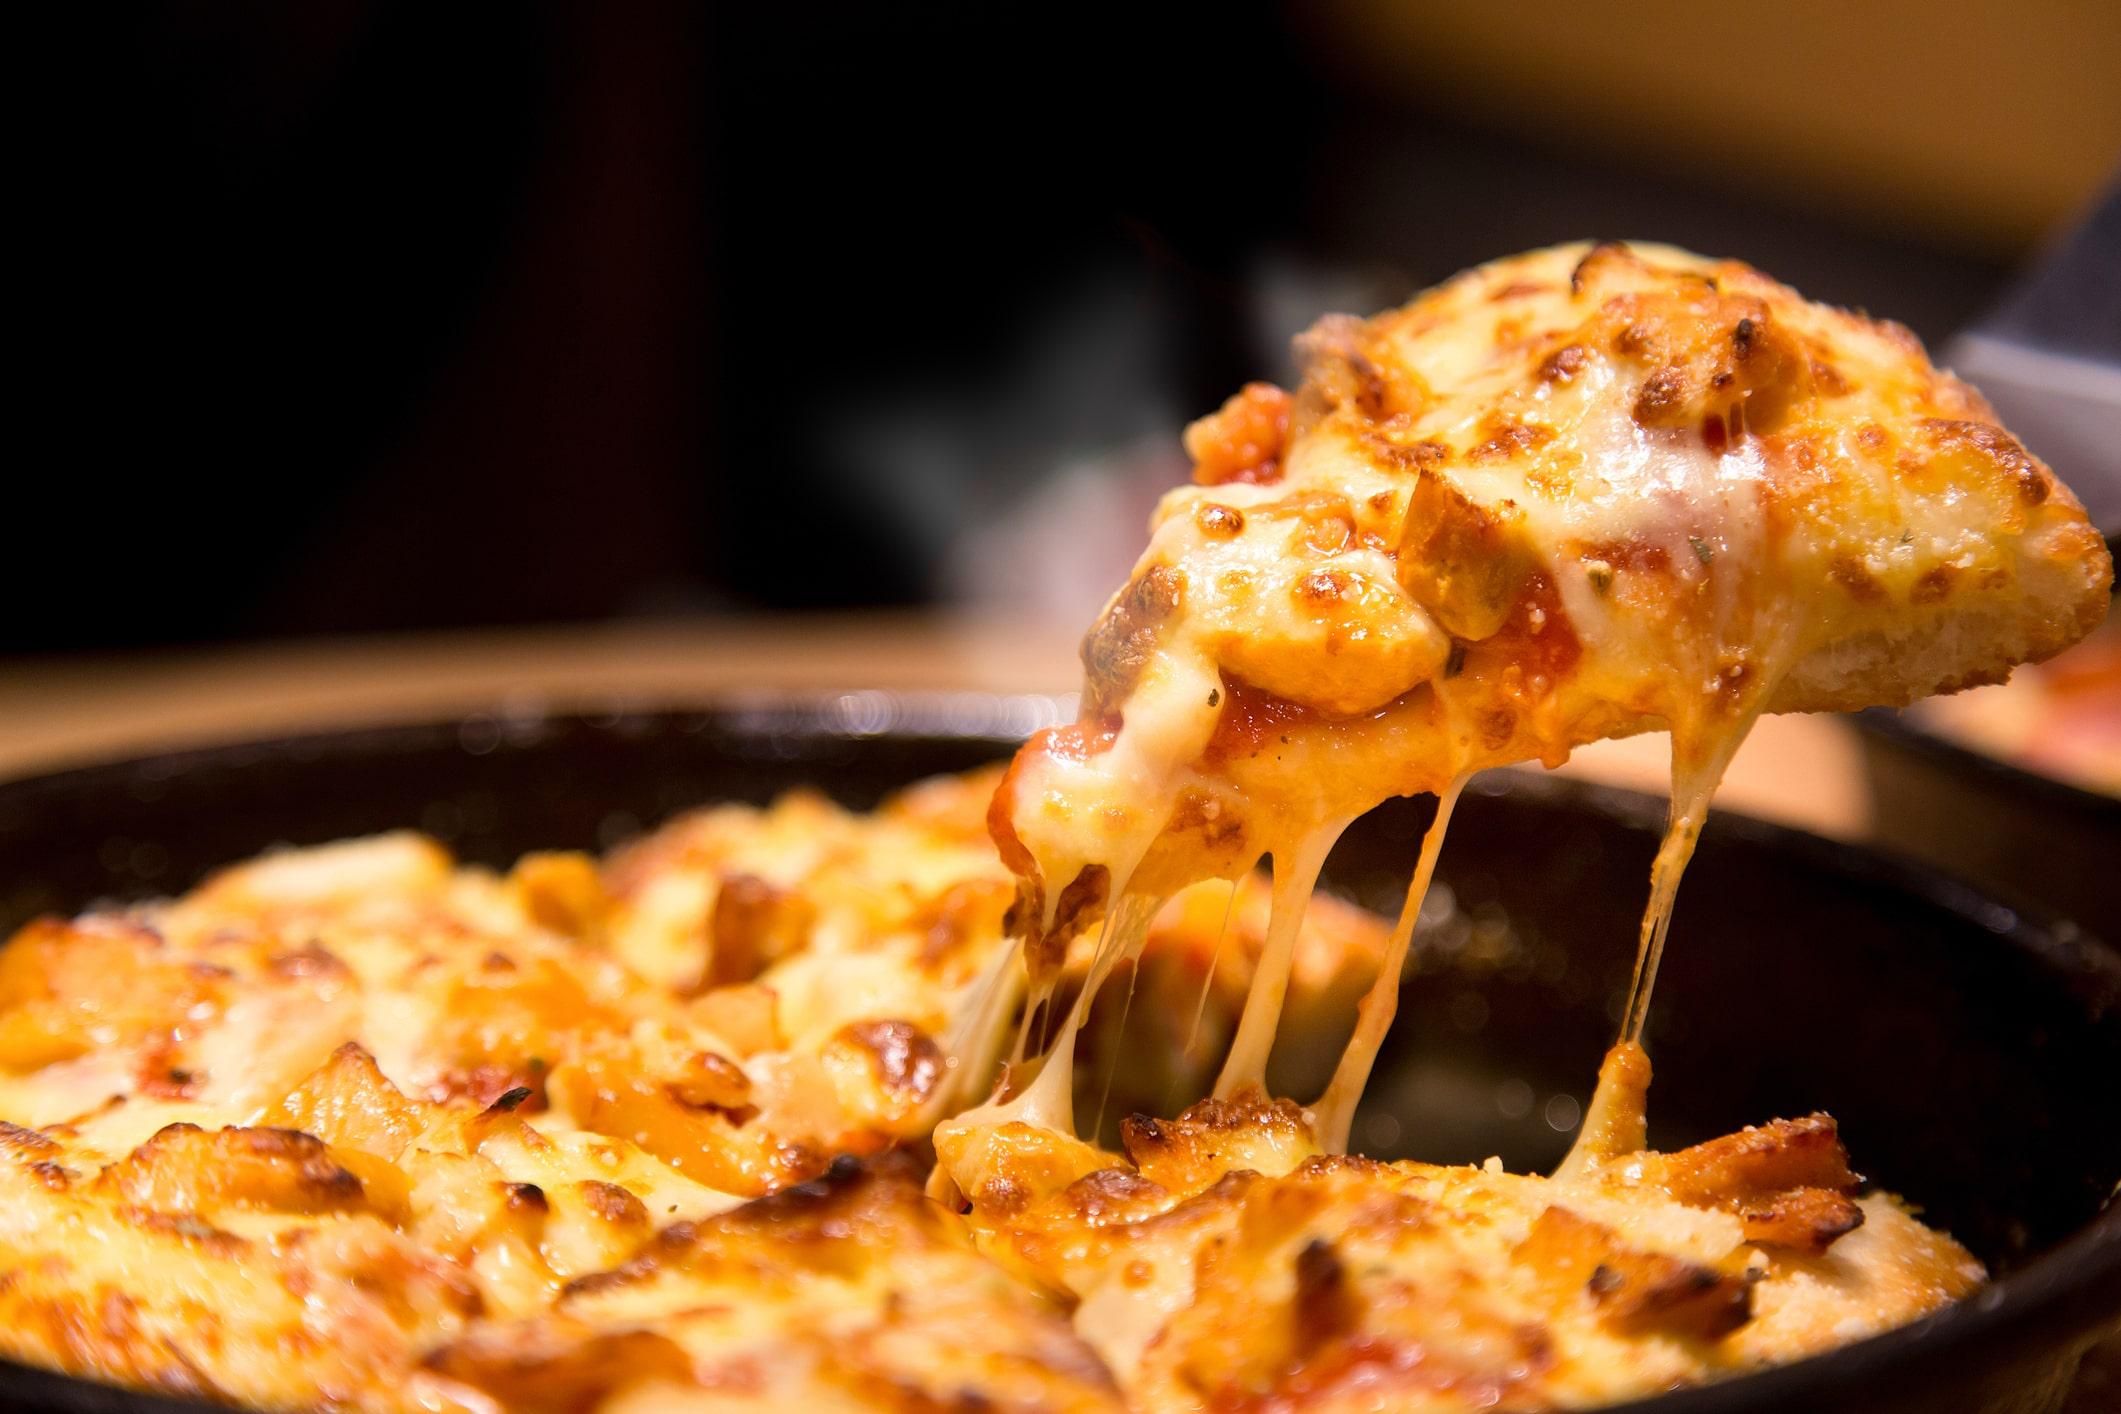 Recalienta la pizza en el microondas y añade un vaso de agua para que siga crujiente